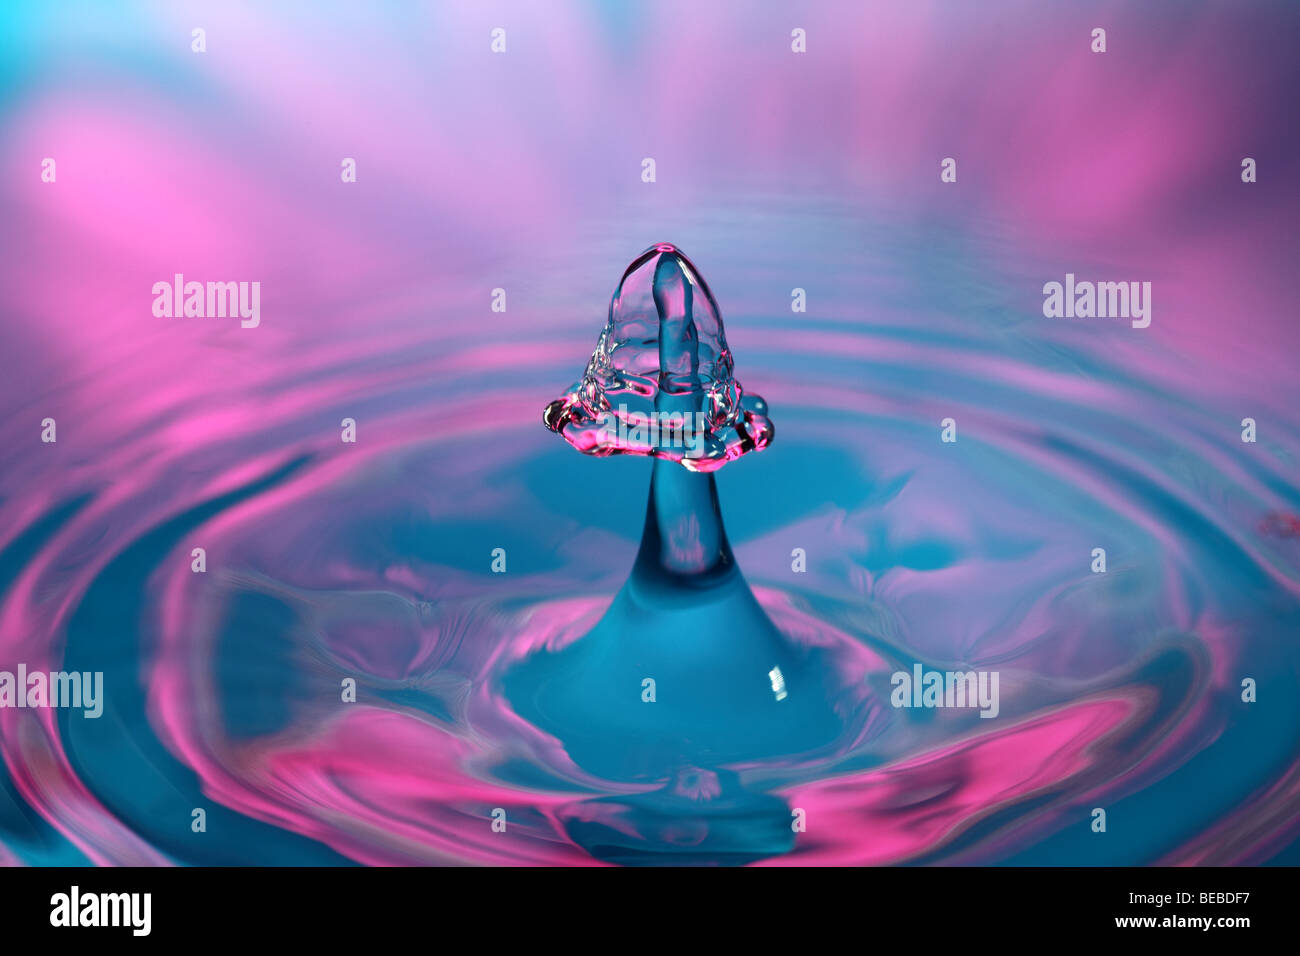 Goccia d'acqua Immagini Stock